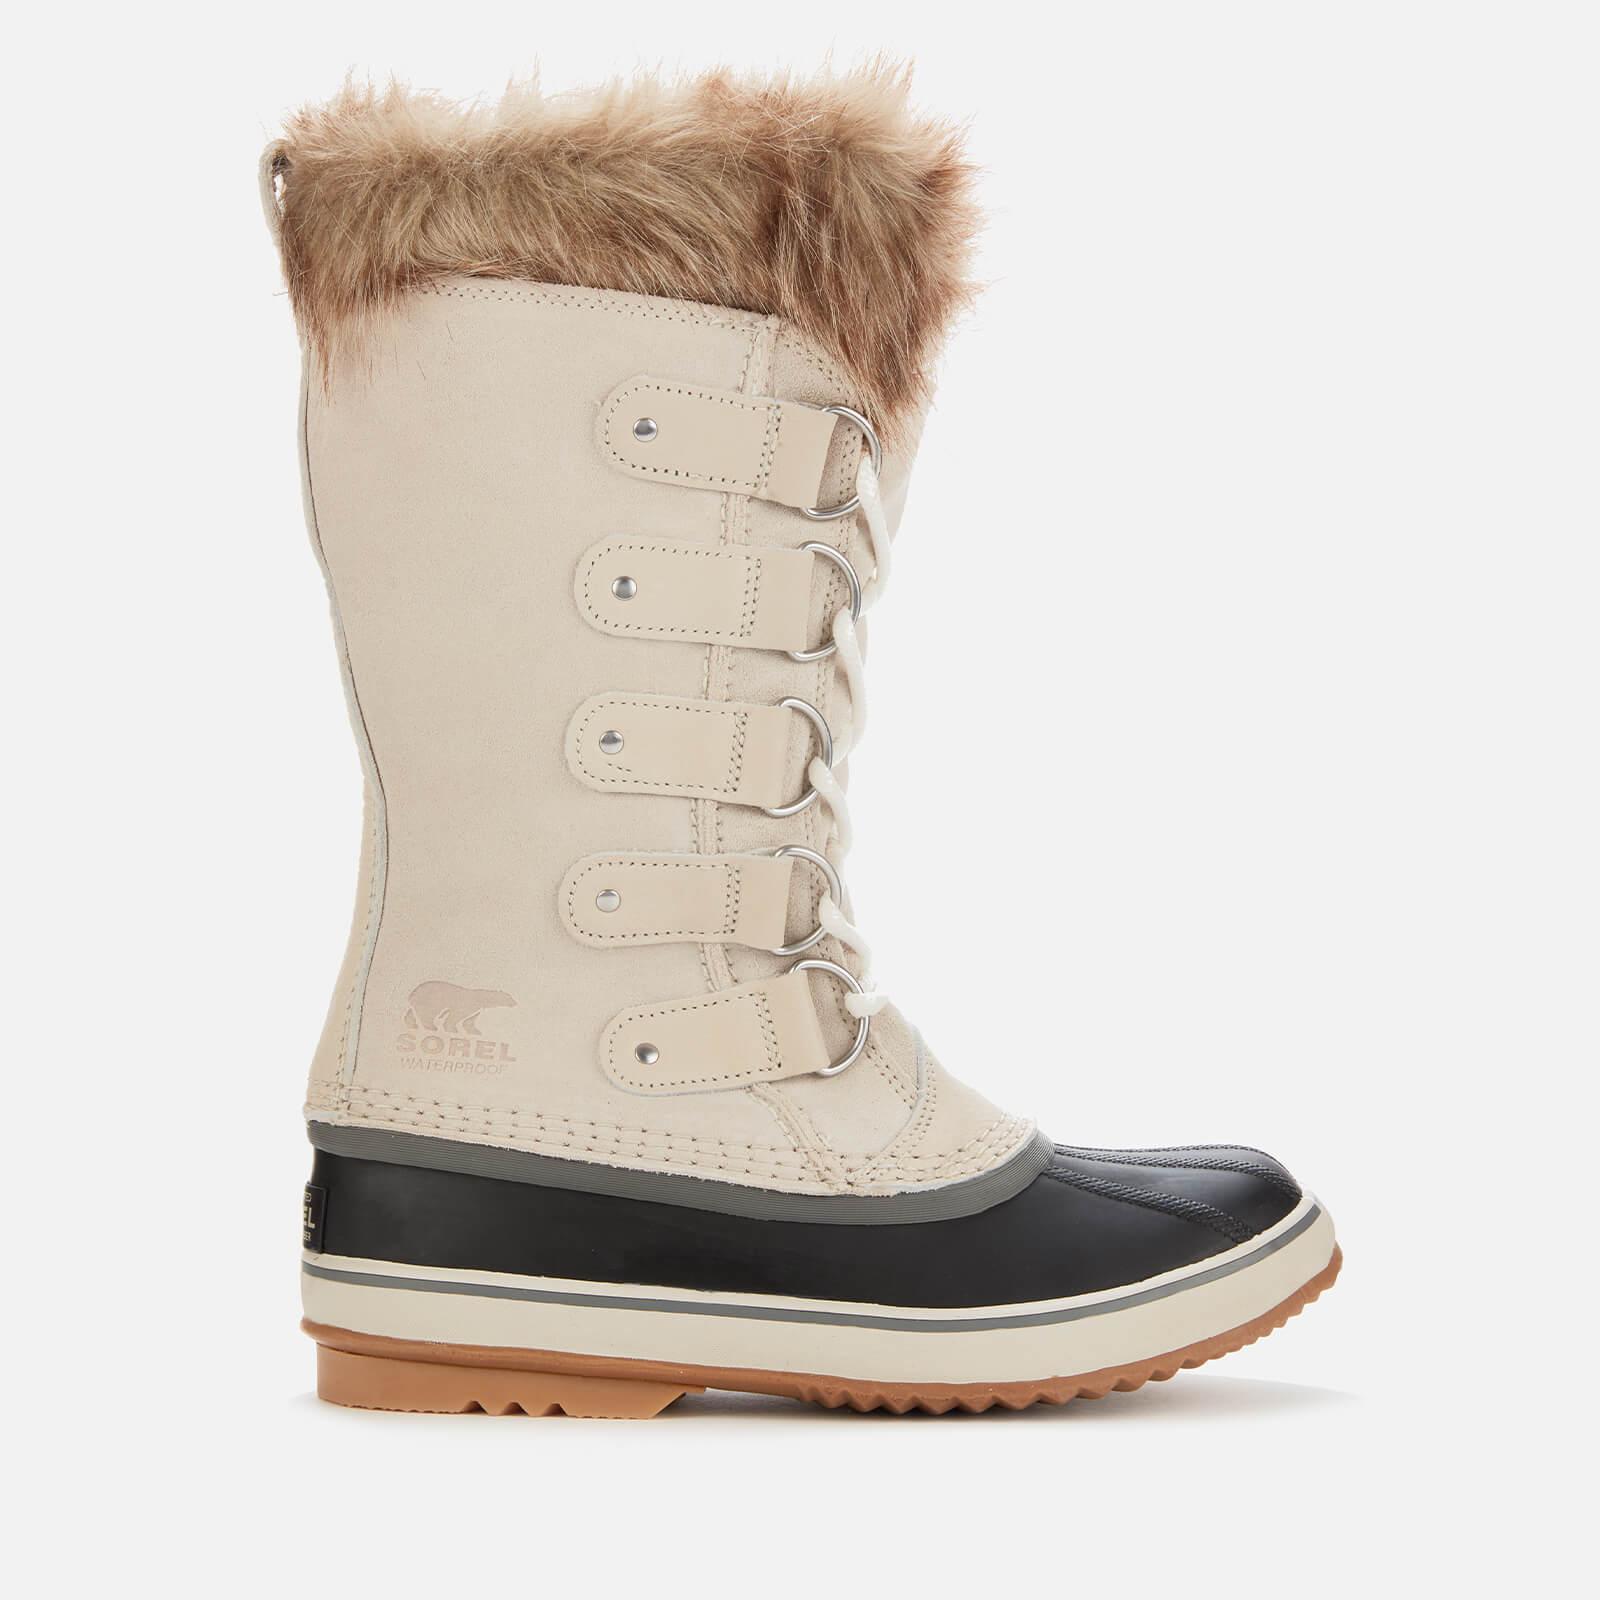 Sorel Women's Joan Of Arctic Waterproof Suede Knee High Winter Boots - Dark Stone/Sea Salt - UK 6